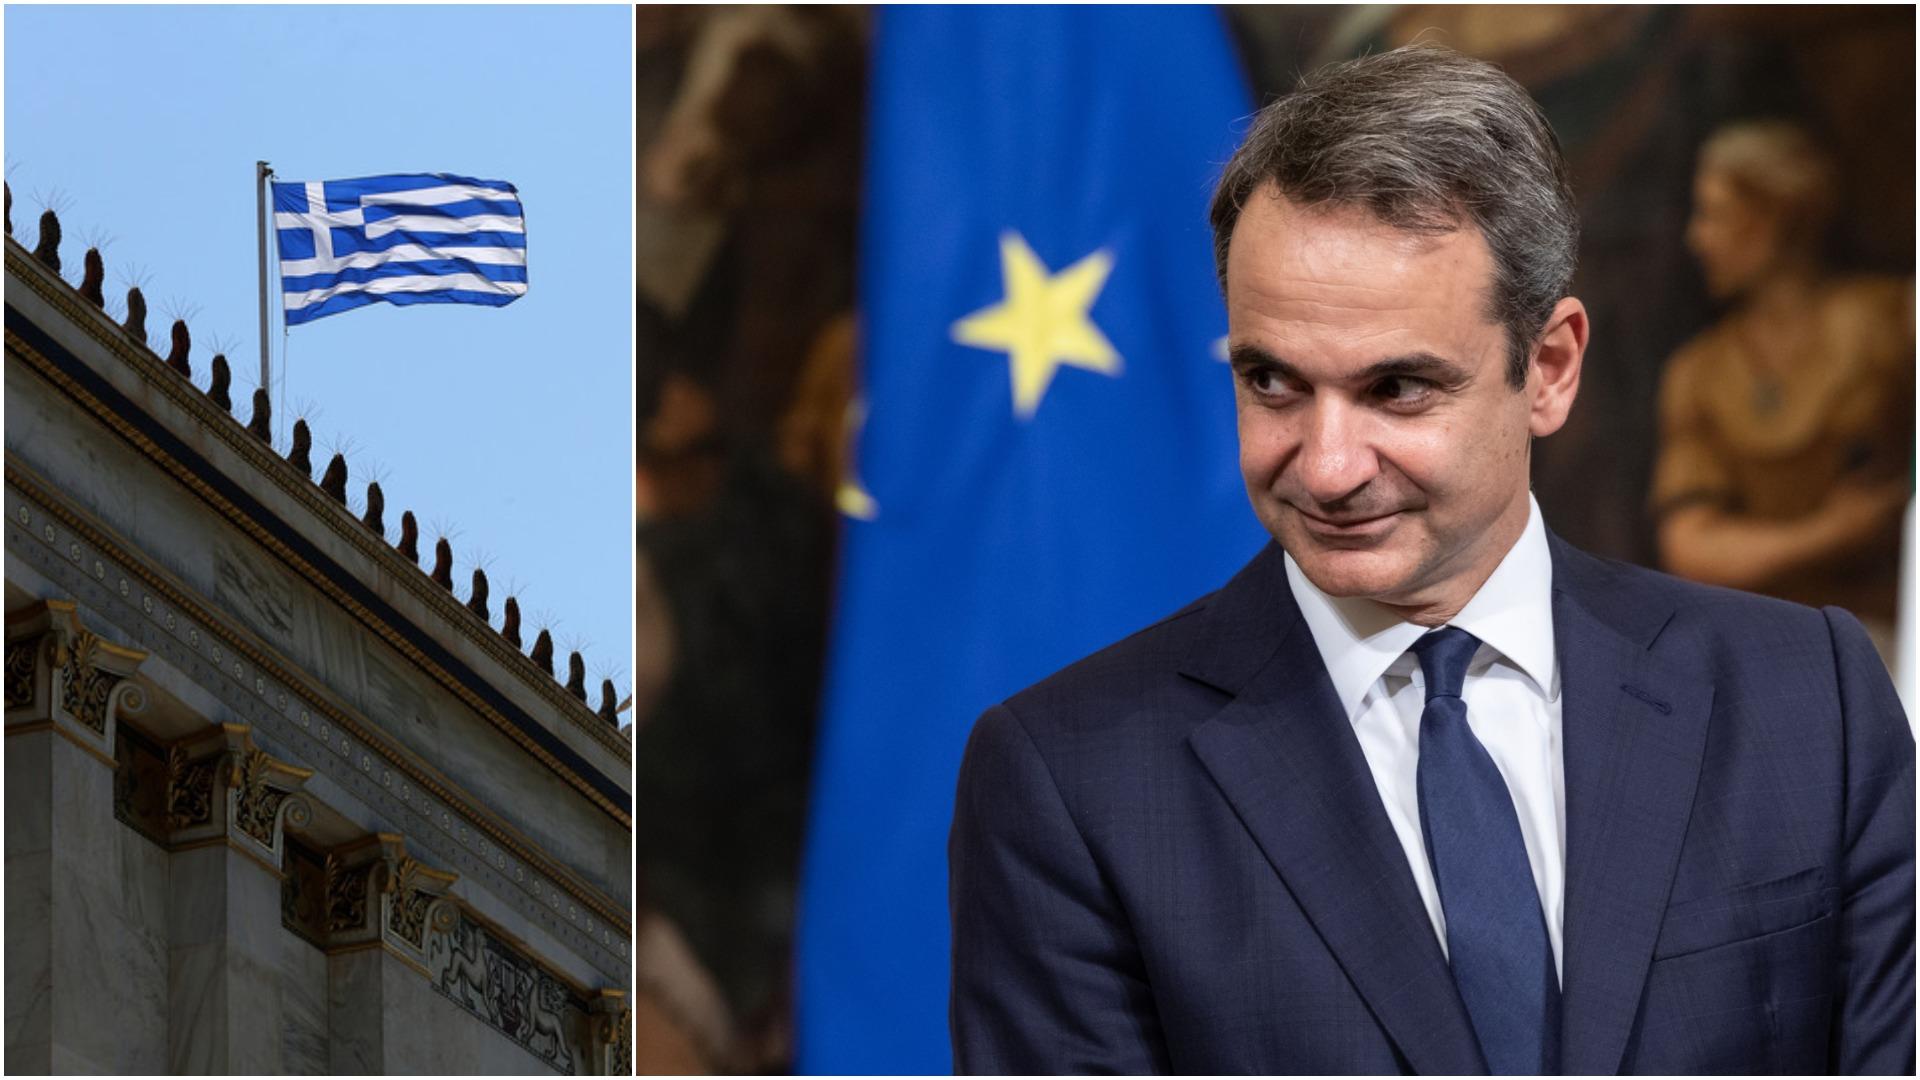 Greek flag and Kyriakos Mitsotakis